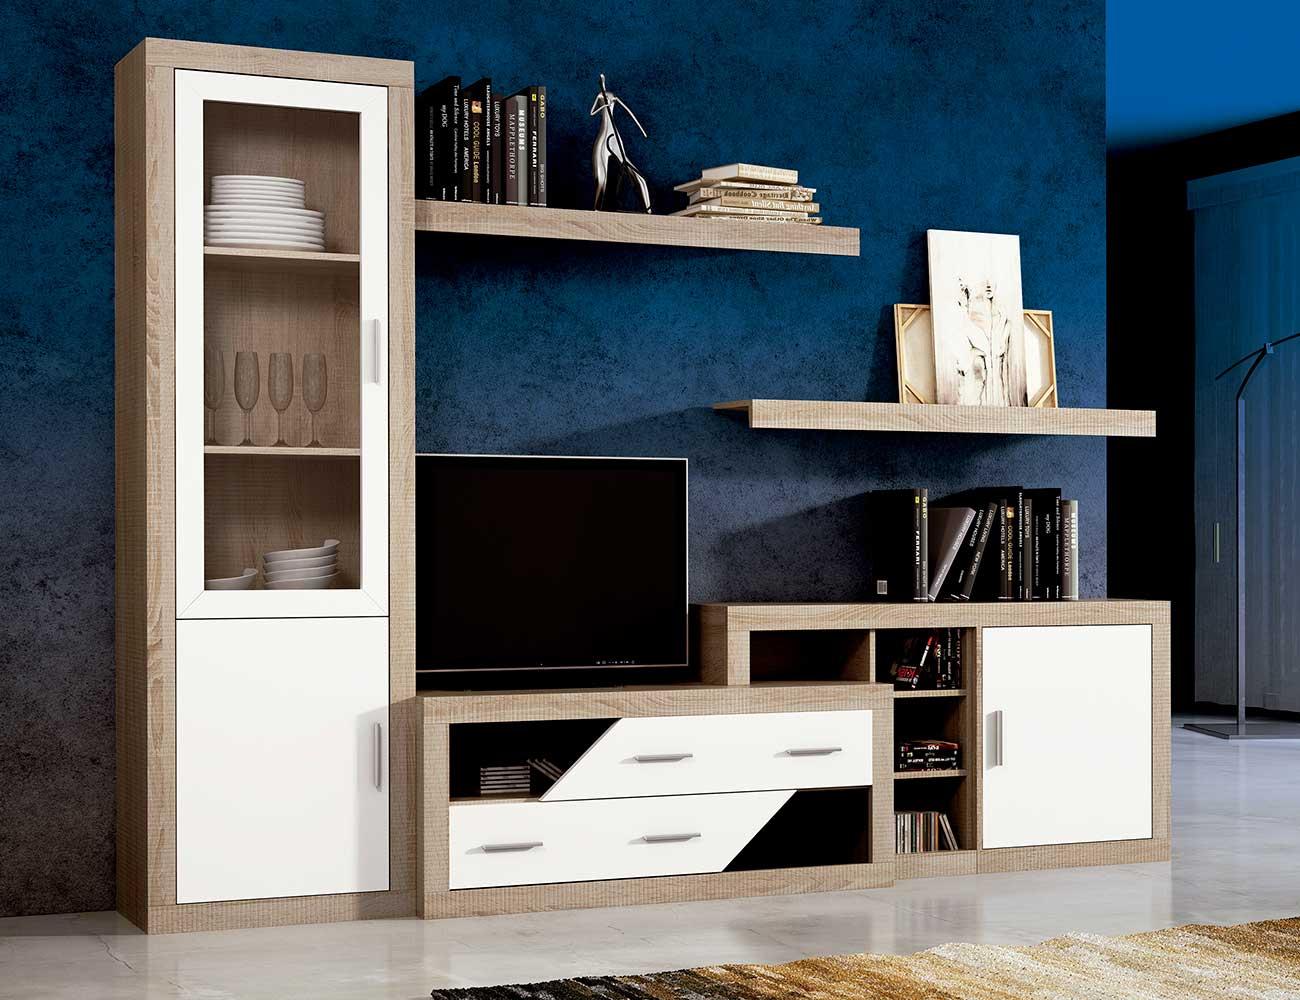 Mesa de centro fija moderna en color blanco factory del - Factory del mueble ...